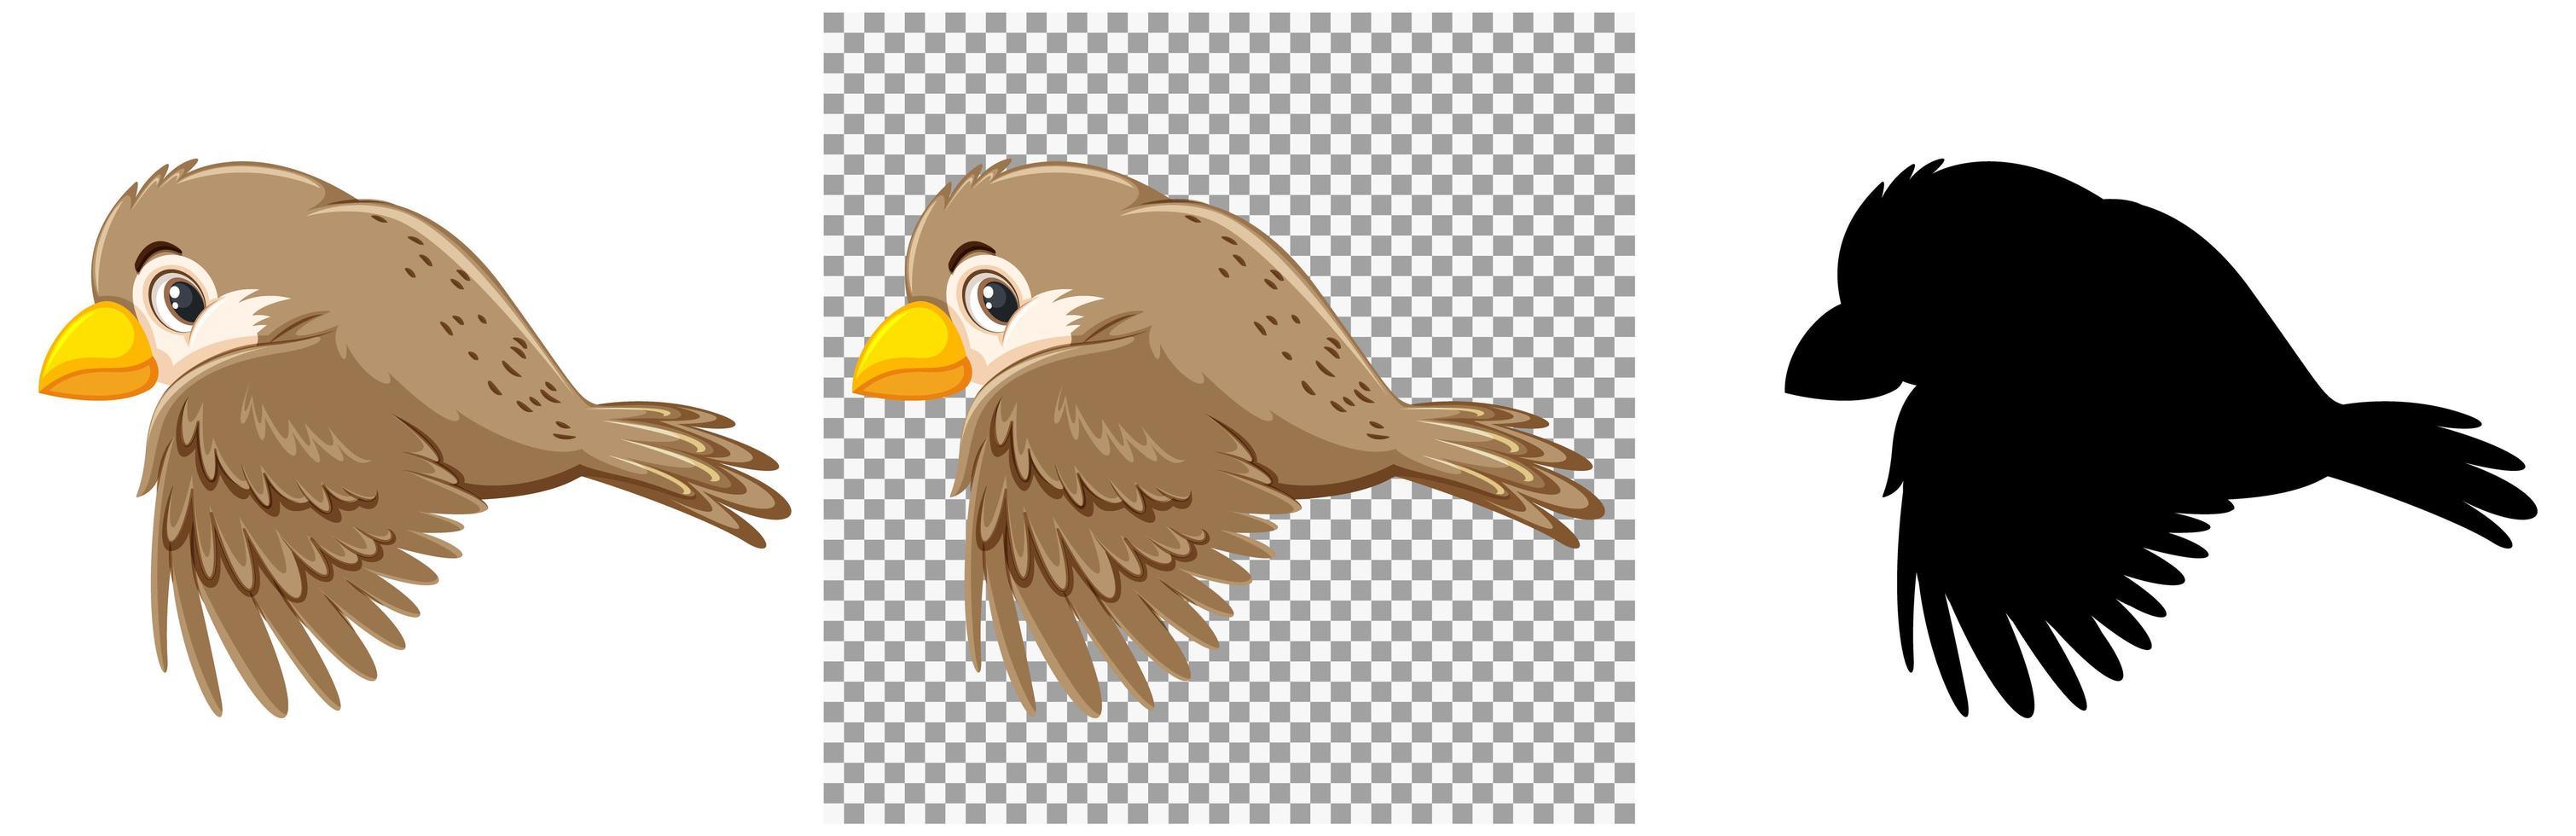 sparv fågel seriefigur vektor